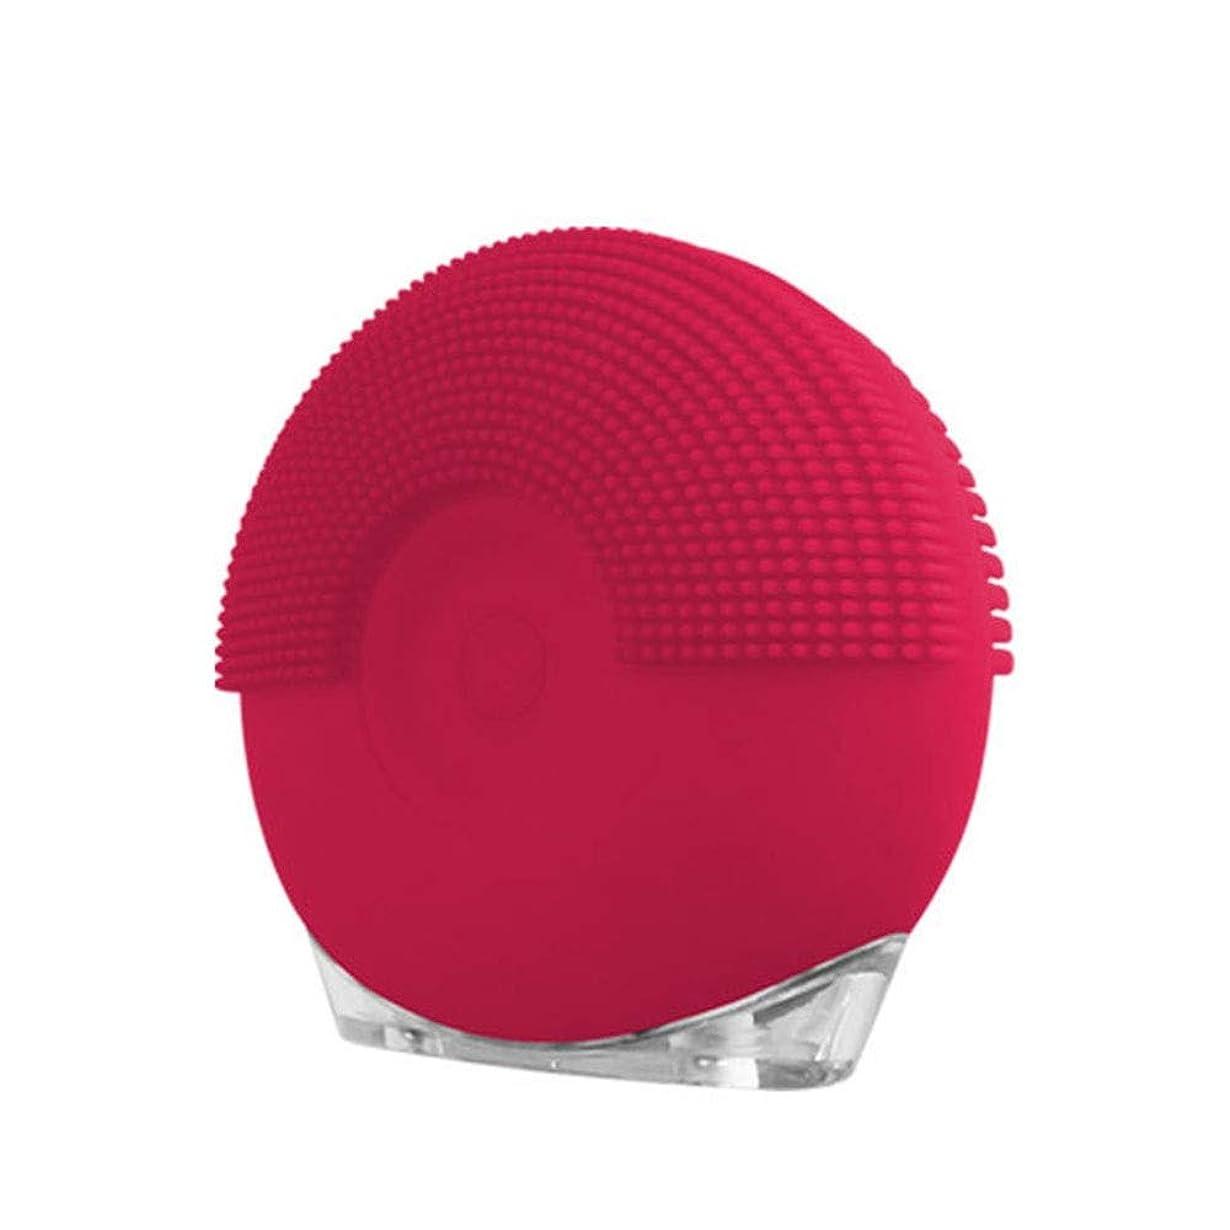 顔の清潔になるブラシの音波表面洗剤およびマッサージャーのシリコーンの振動防水剥離のブラシ (色 : 赤, サイズ : 7.2*6.8*3.4cm)